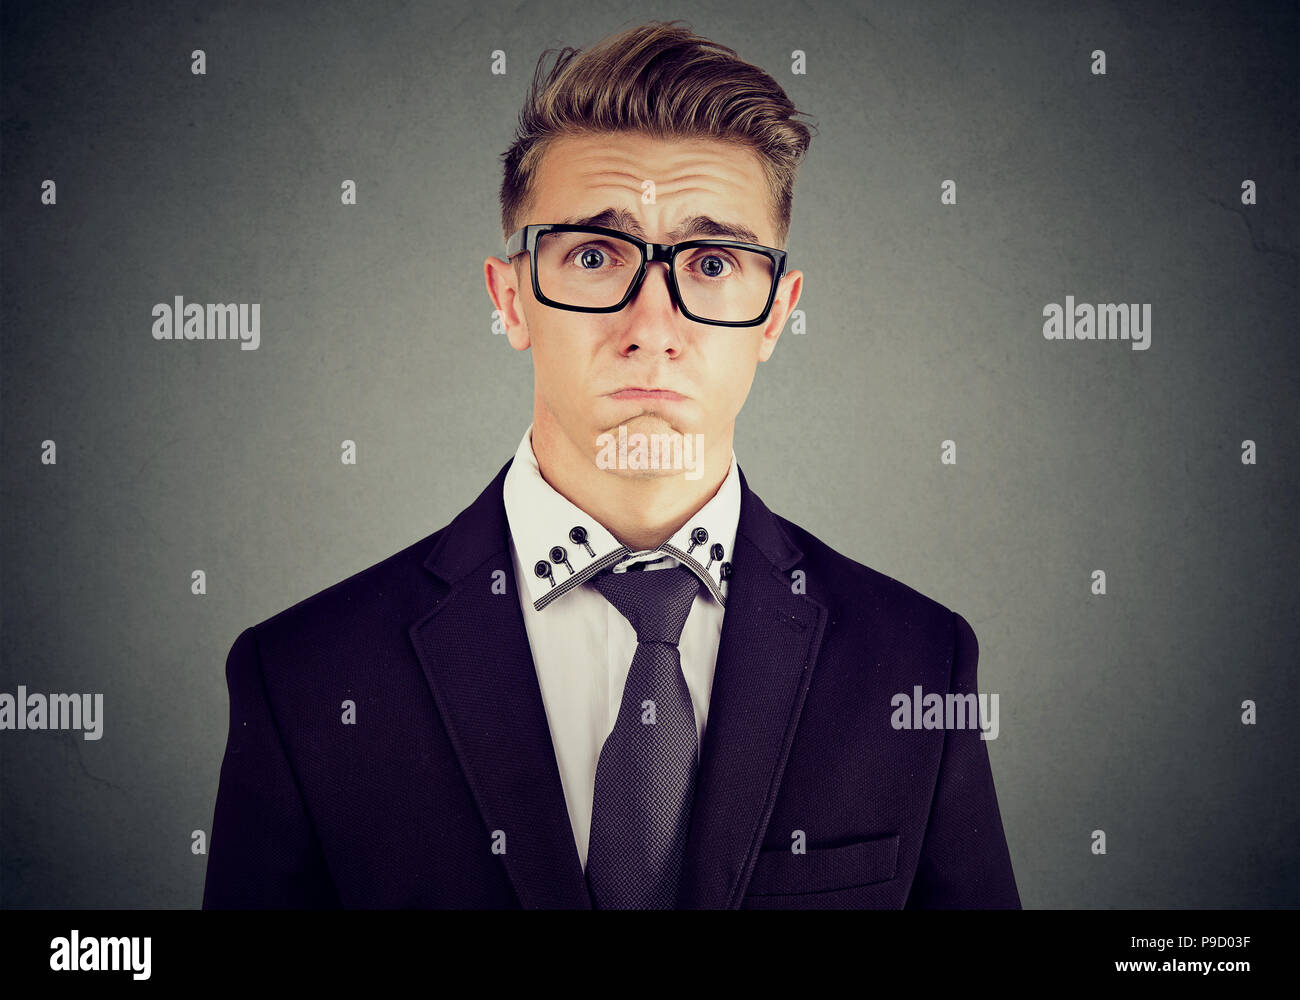 Joven Hombre formal en traje y gafas mirando insultados y lástima ceño fruncido y llorando sobre fondo gris Imagen De Stock